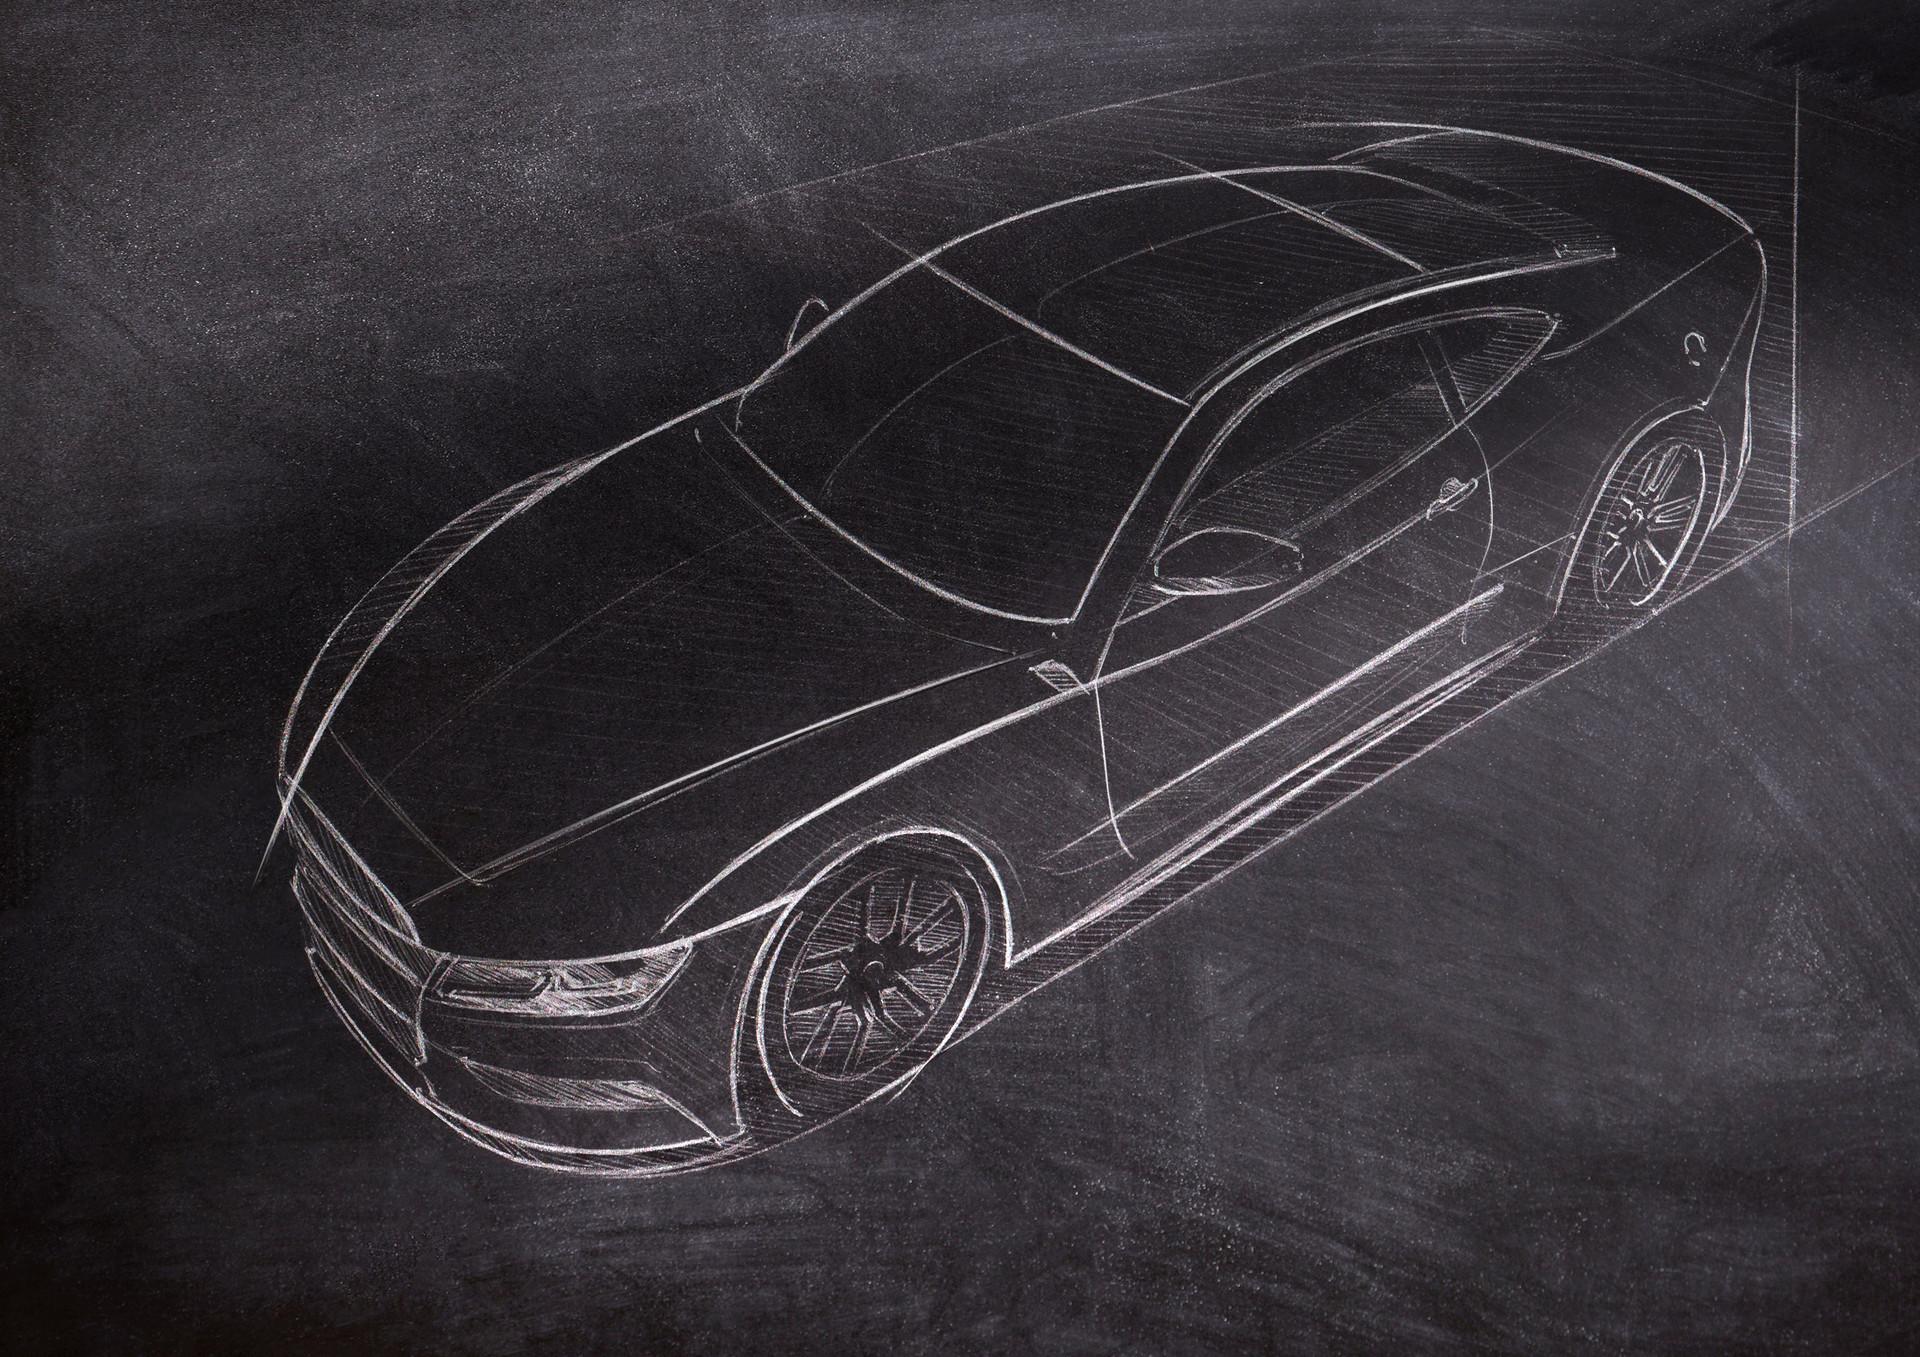 David stingl tauler blackboard sketch 2